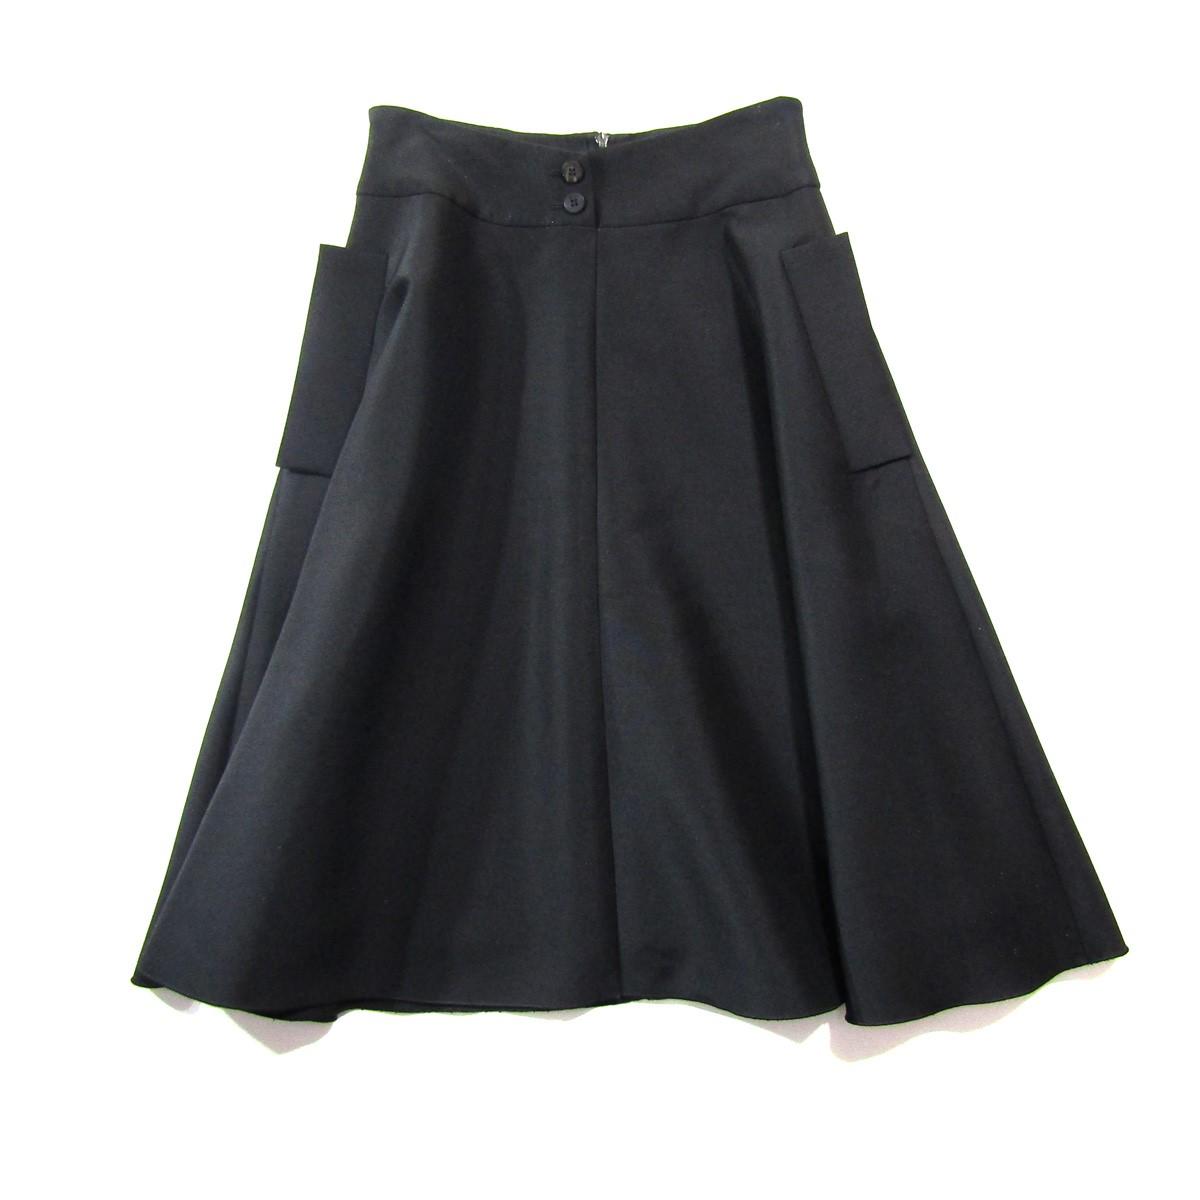 【中古】FOXEY NEW YORK Triangle/シルク混ポケットデザインスカート ブラック サイズ:38 【210420】(フォクシーニューヨーク)